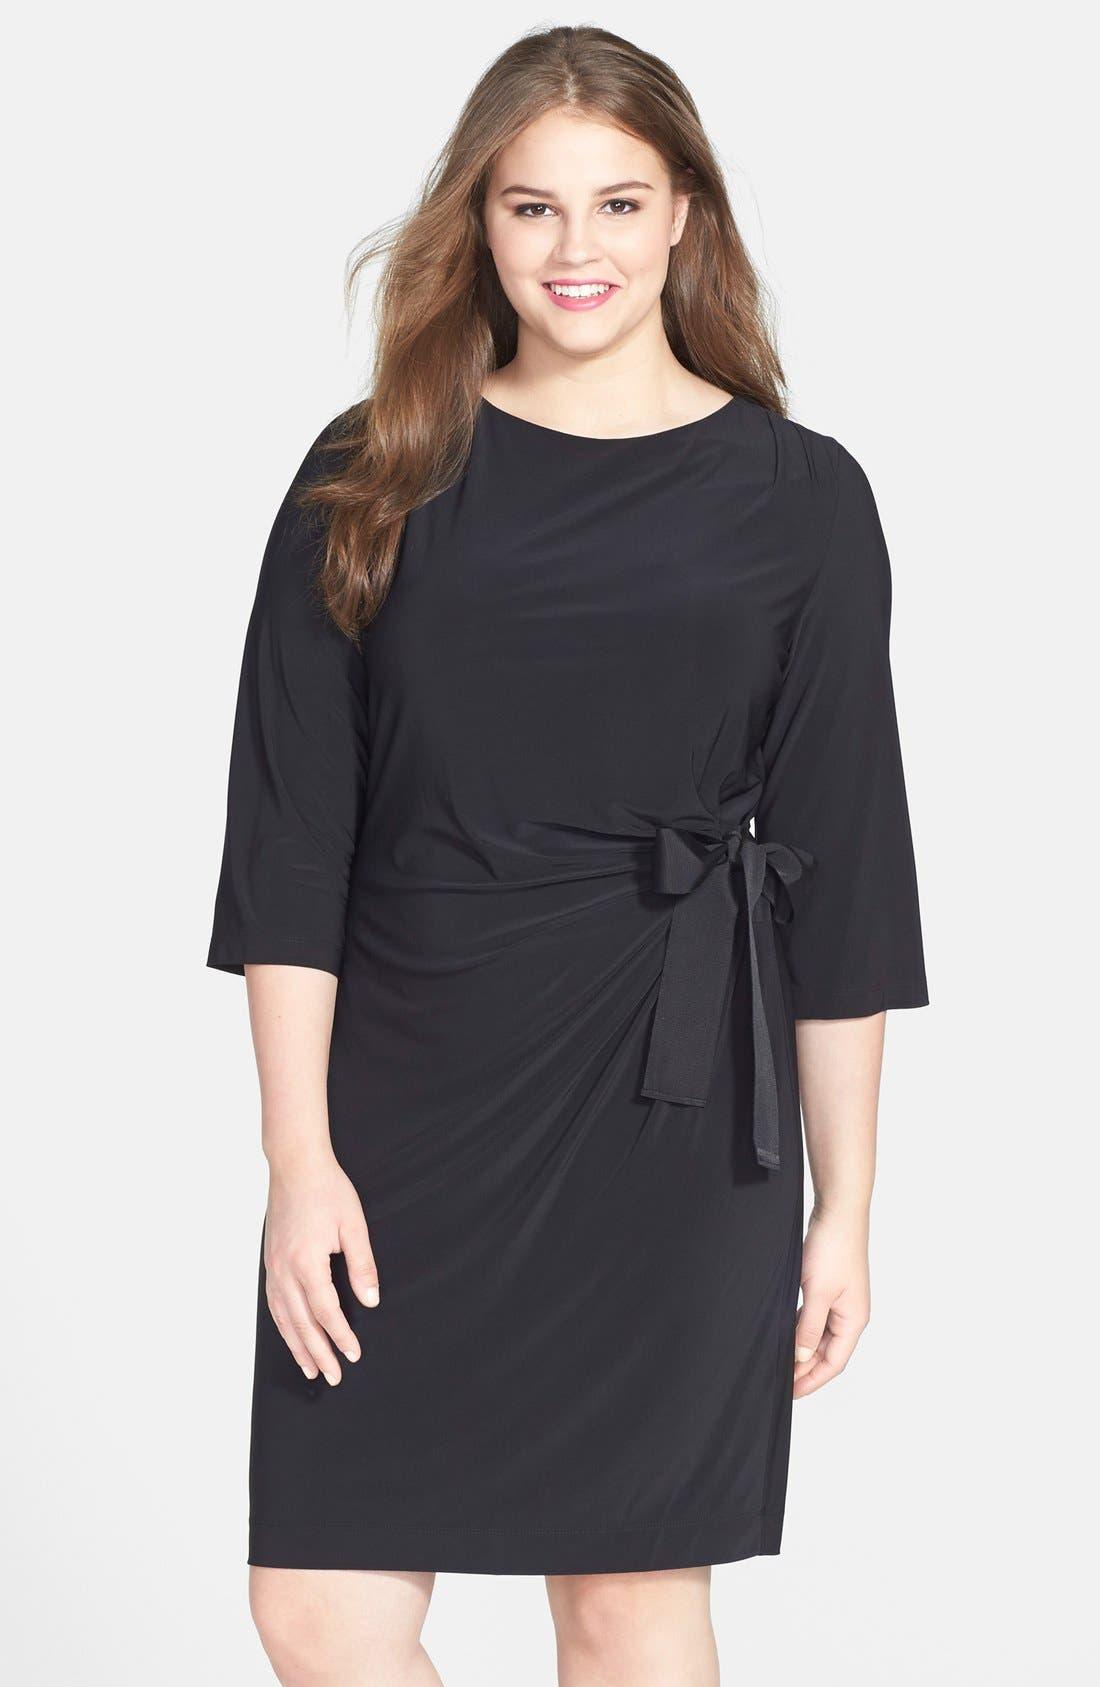 Main Image - Taylor Dresses Faux Wrap Dress (Plus Size)